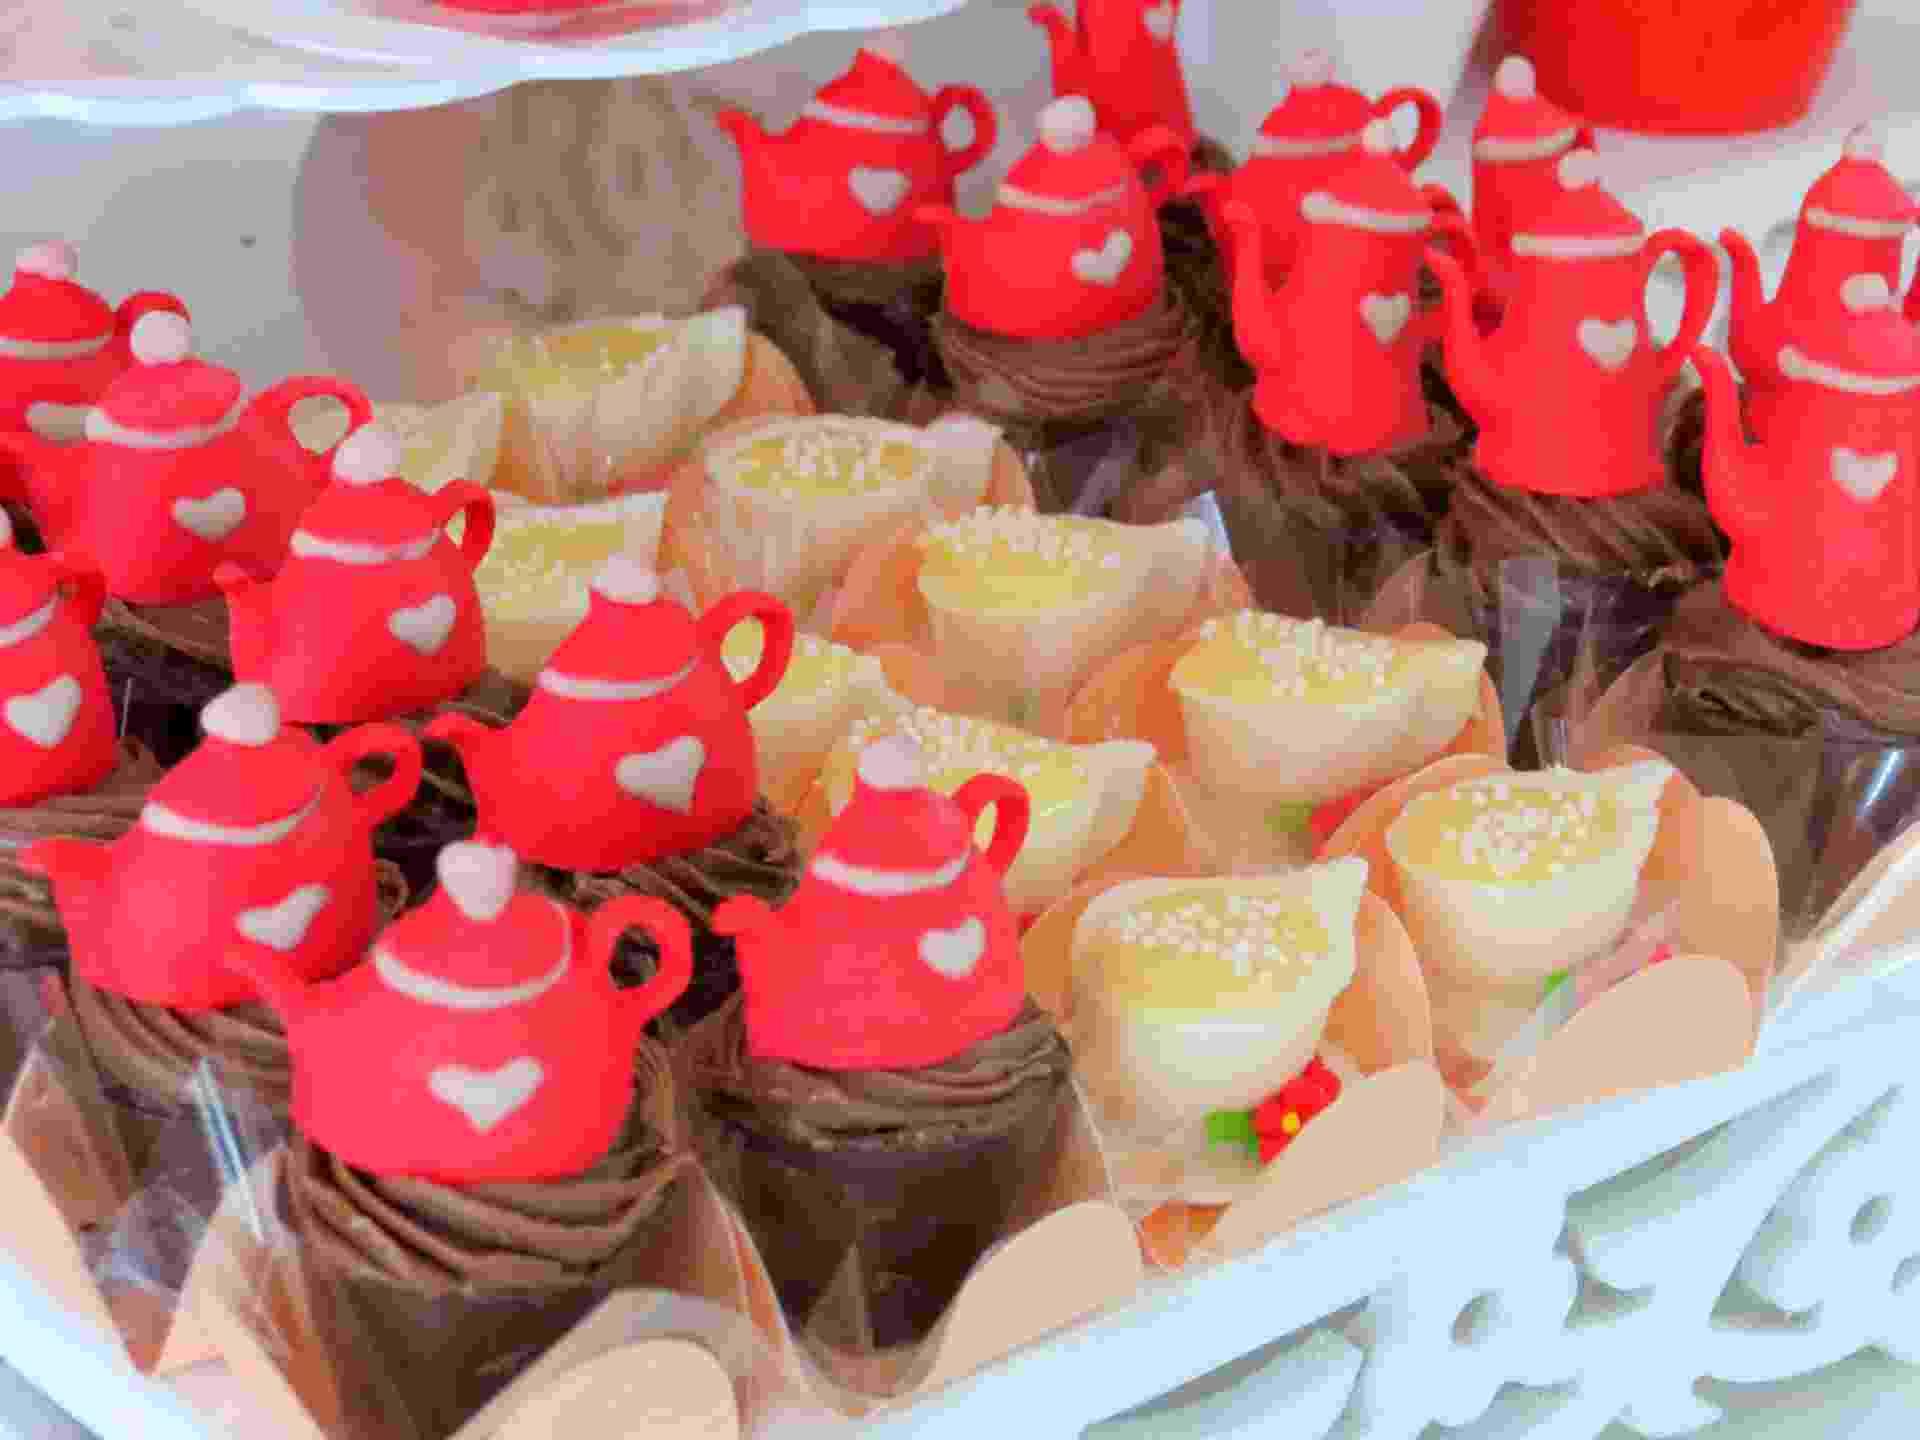 Docinhos decorados com biscuit comestível lembram o tema da festa e incrementam a decoração da mesa. Festa Provençal www.festaprovencal.com.br - Divulgação